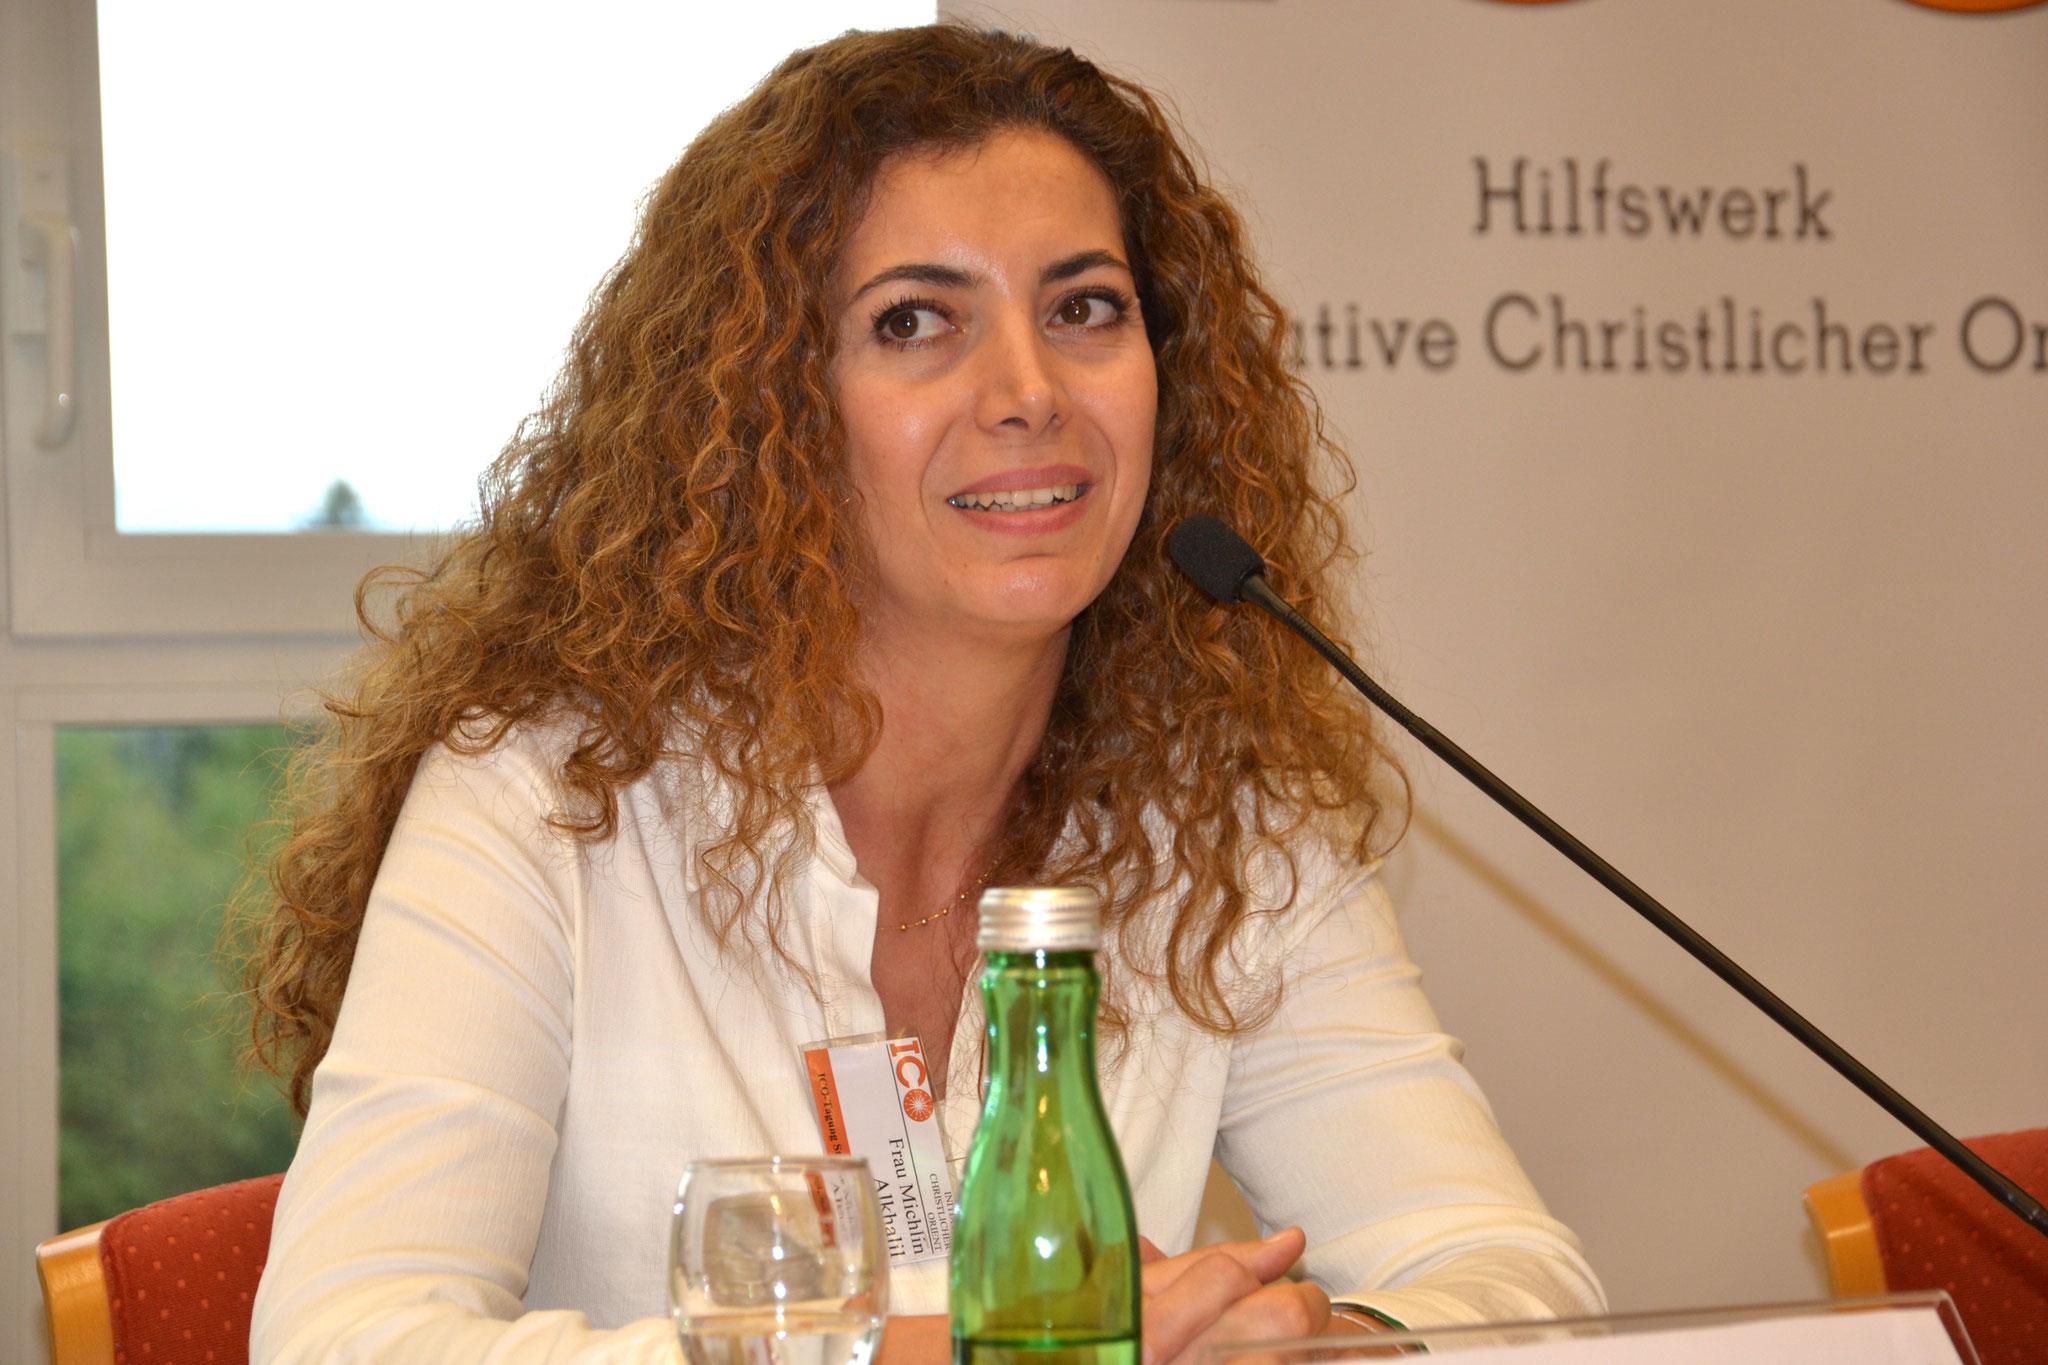 Michlin Alkhalil kam 2014 als Flüchtling aus Syrien nach Österreich. Der Anfang sei sehr schwer gewesen, berichtet sie. Die studierte Pharmazeutin erlernte rasch die Sprache und fand auch einen Job, wenn auch nicht in ihrem angestammten Beruf.